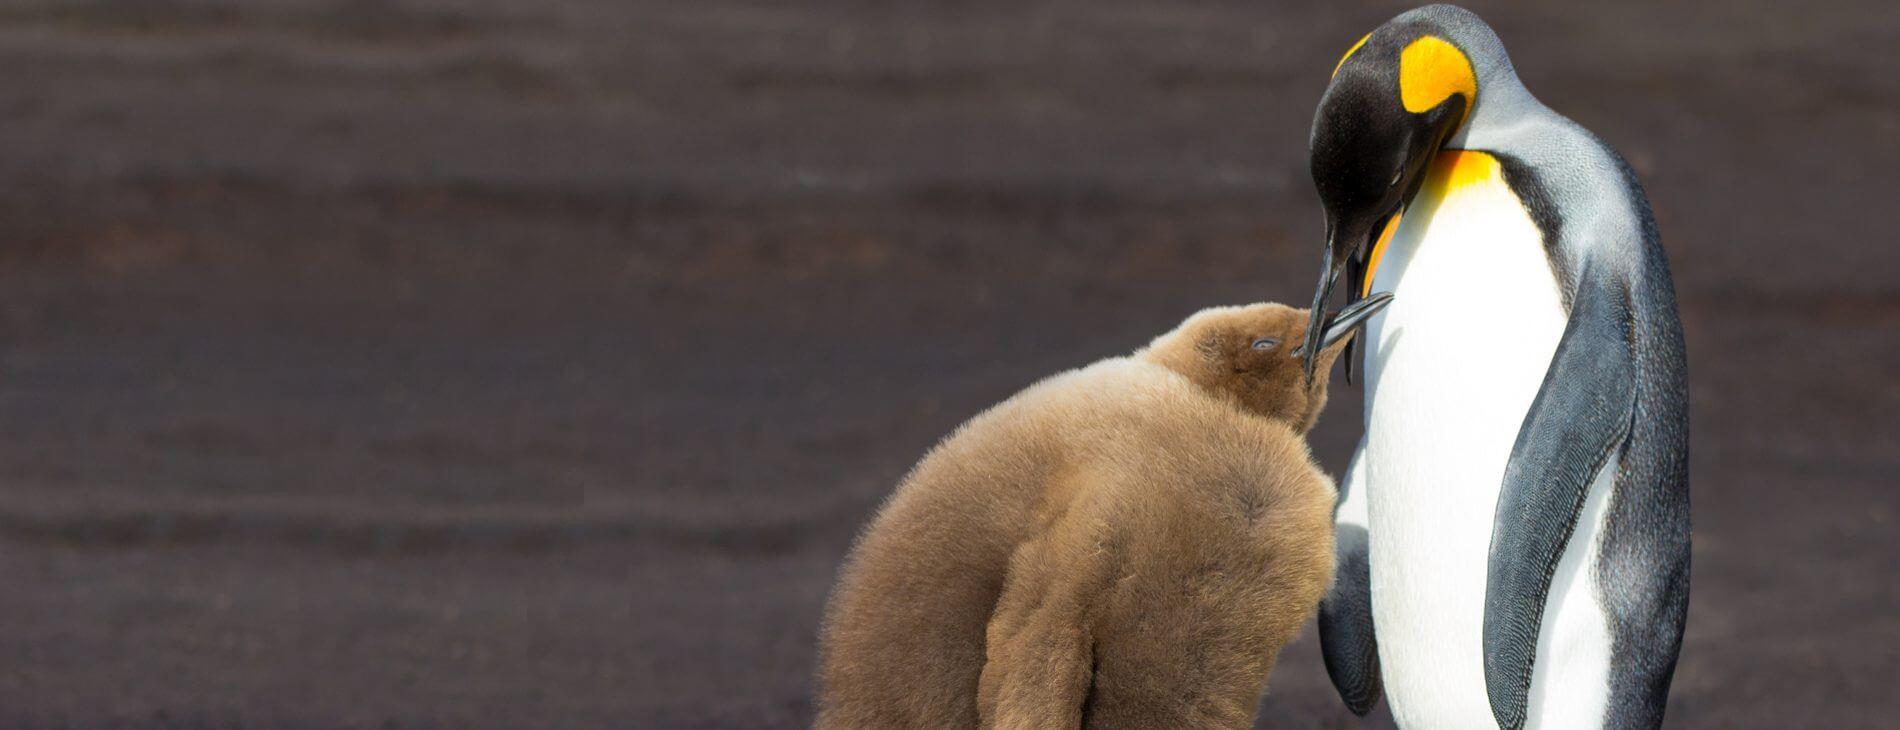 Mastroviaggiatore Falkland un Tocco King Penguin feeds chick